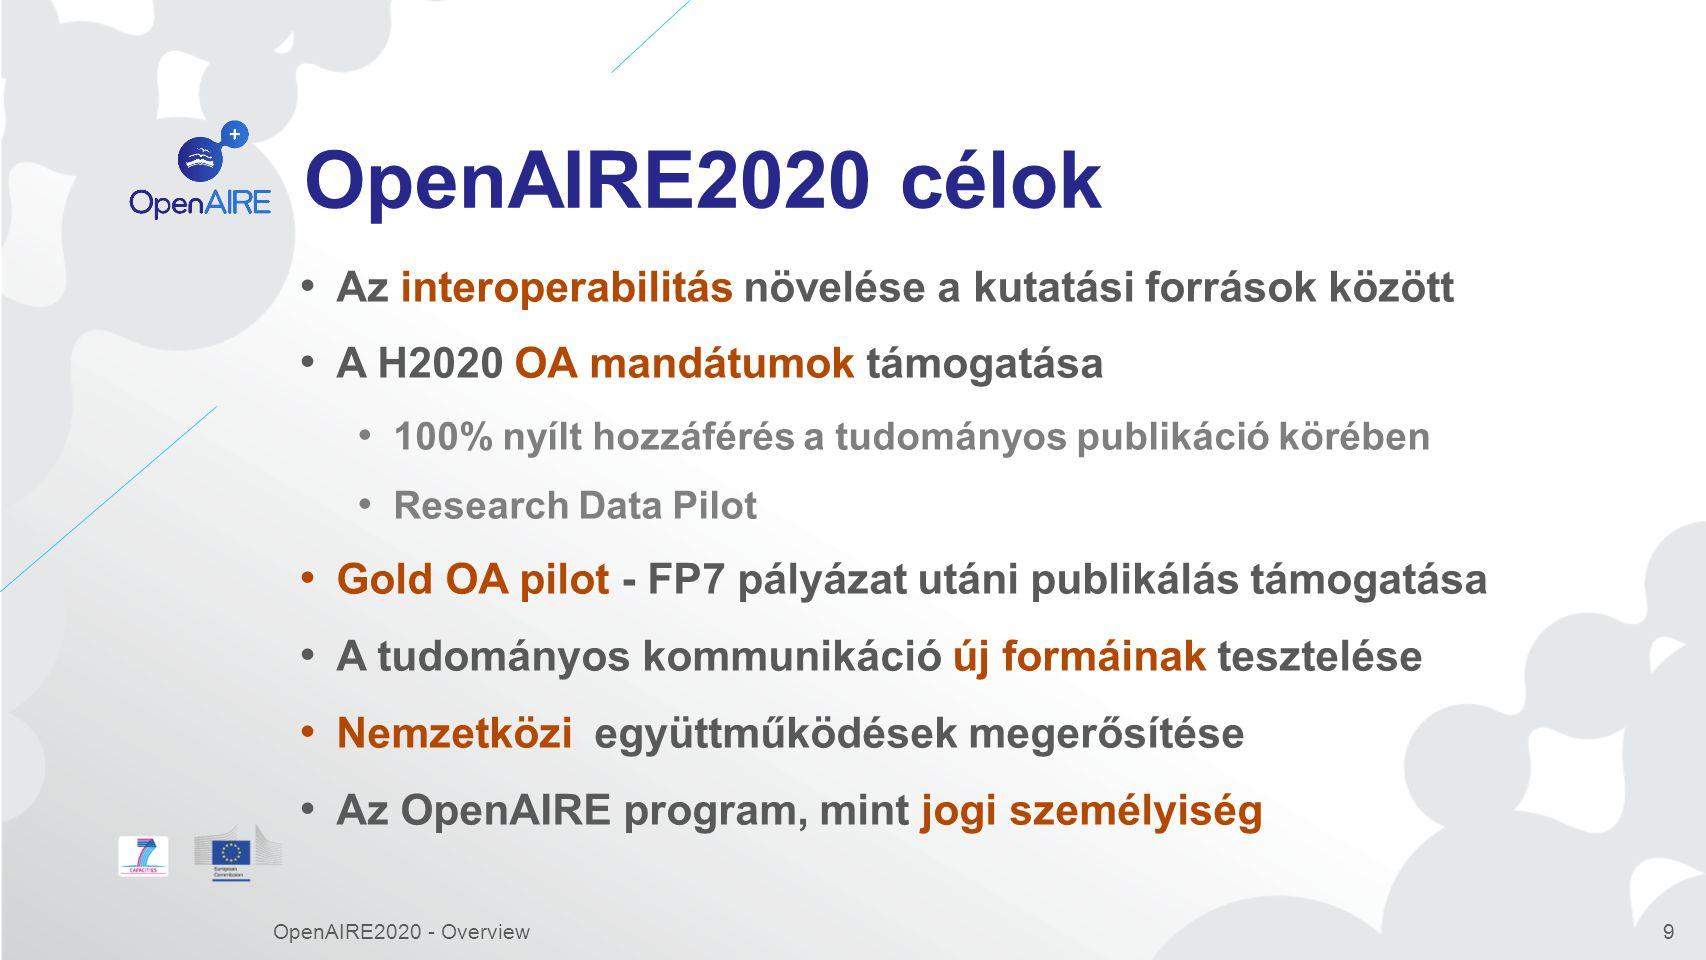 OpenAIRE2020 célok Az interoperabilitás növelése a kutatási források között A H2020 OA mandátumok támogatása 100% nyílt hozzáférés a tudományos publikáció körében Research Data Pilot Gold OA pilot - FP7 pályázat utáni publikálás támogatása A tudományos kommunikáció új formáinak tesztelése Nemzetközi együttműködések megerősítése Az OpenAIRE program, mint jogi személyiség OpenAIRE2020 - Overview9